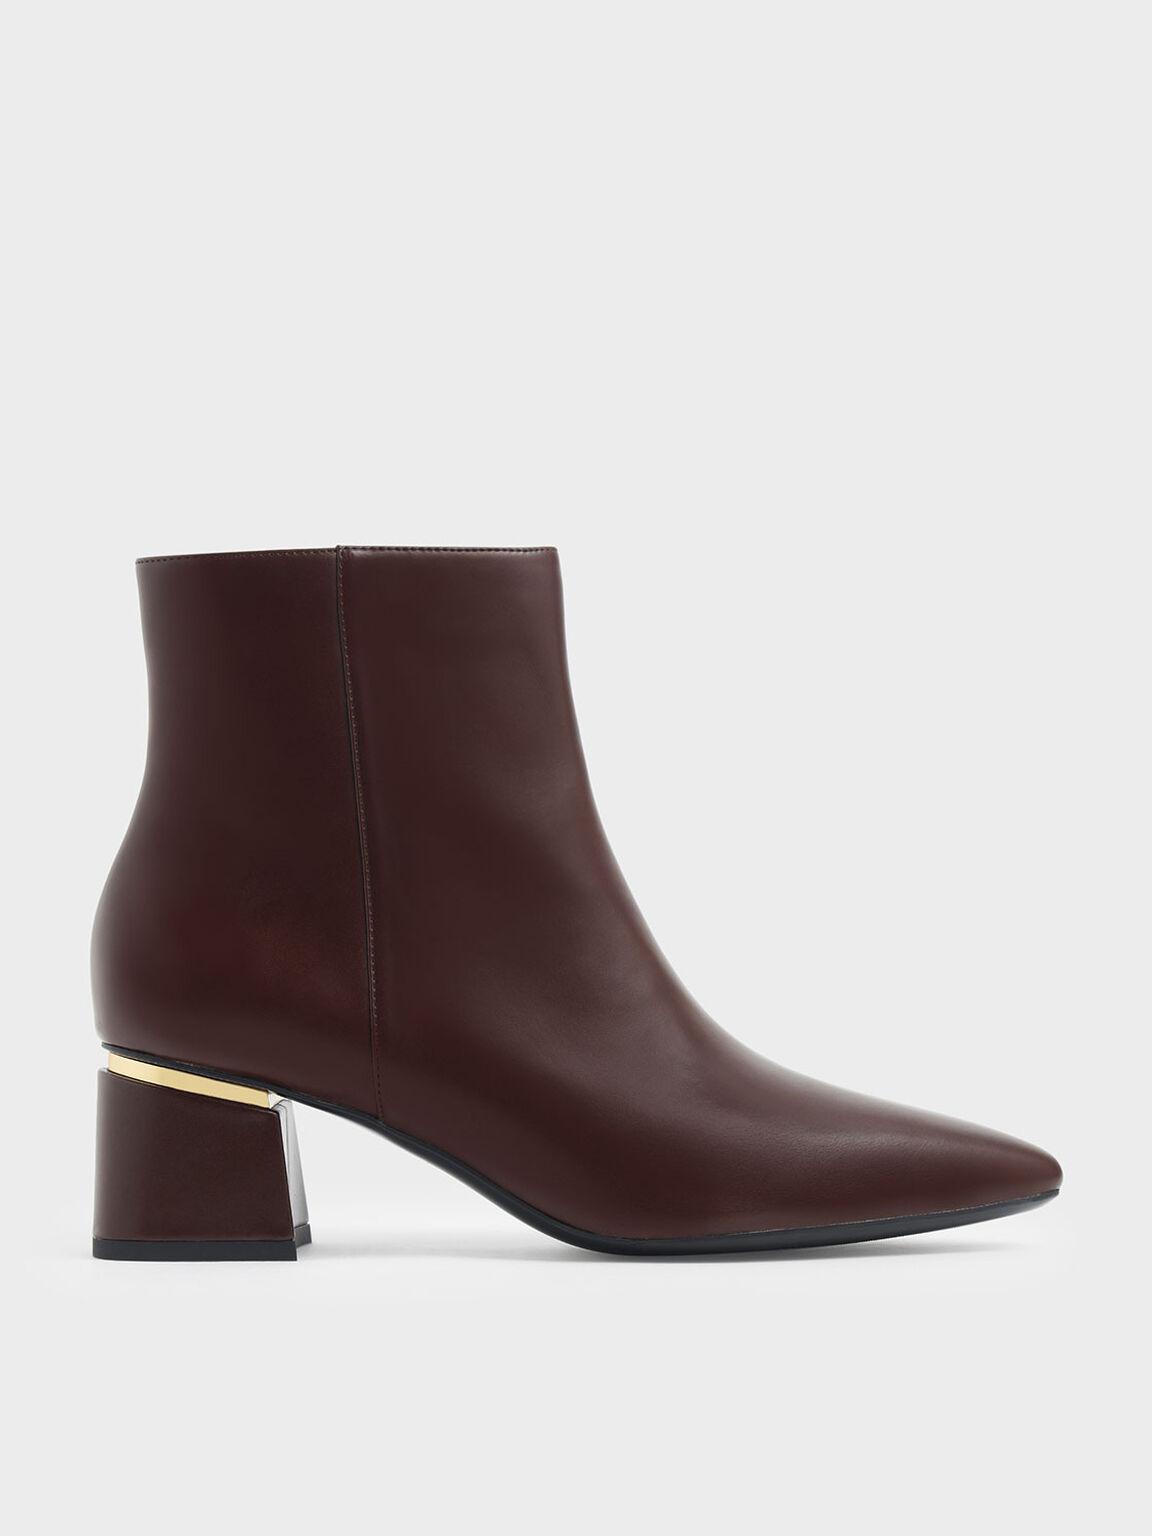 Metal Accent Block Heel Ankle Boots, Brown, hi-res